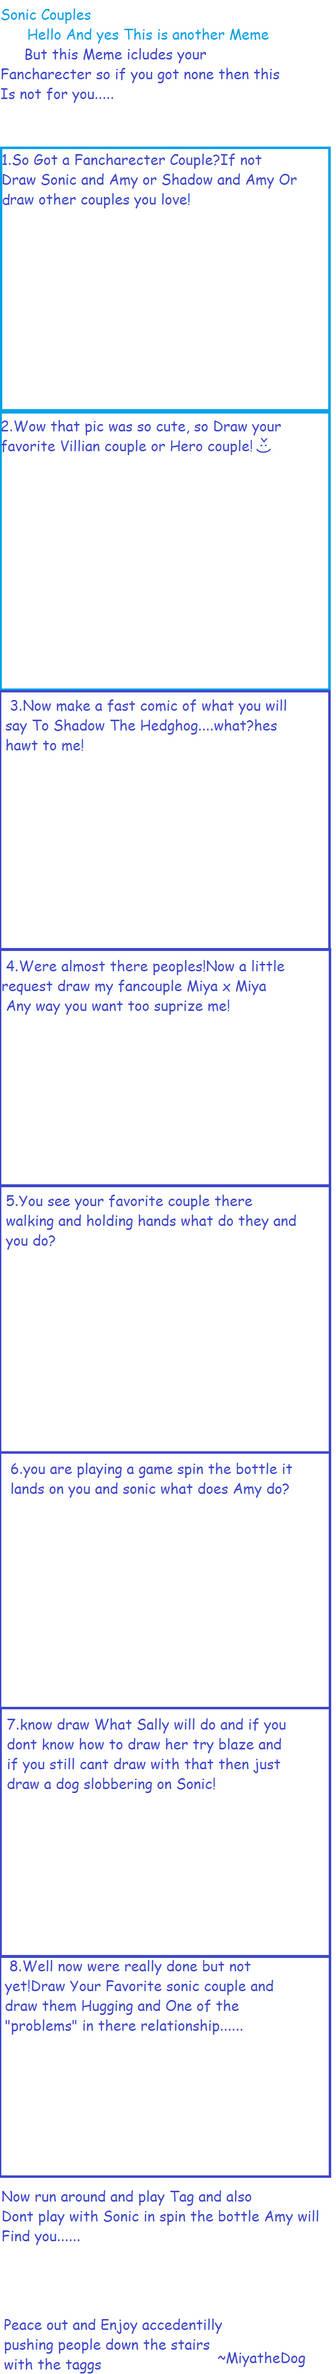 Sonic Couple Meme Blank by miyathedog on DeviantArt